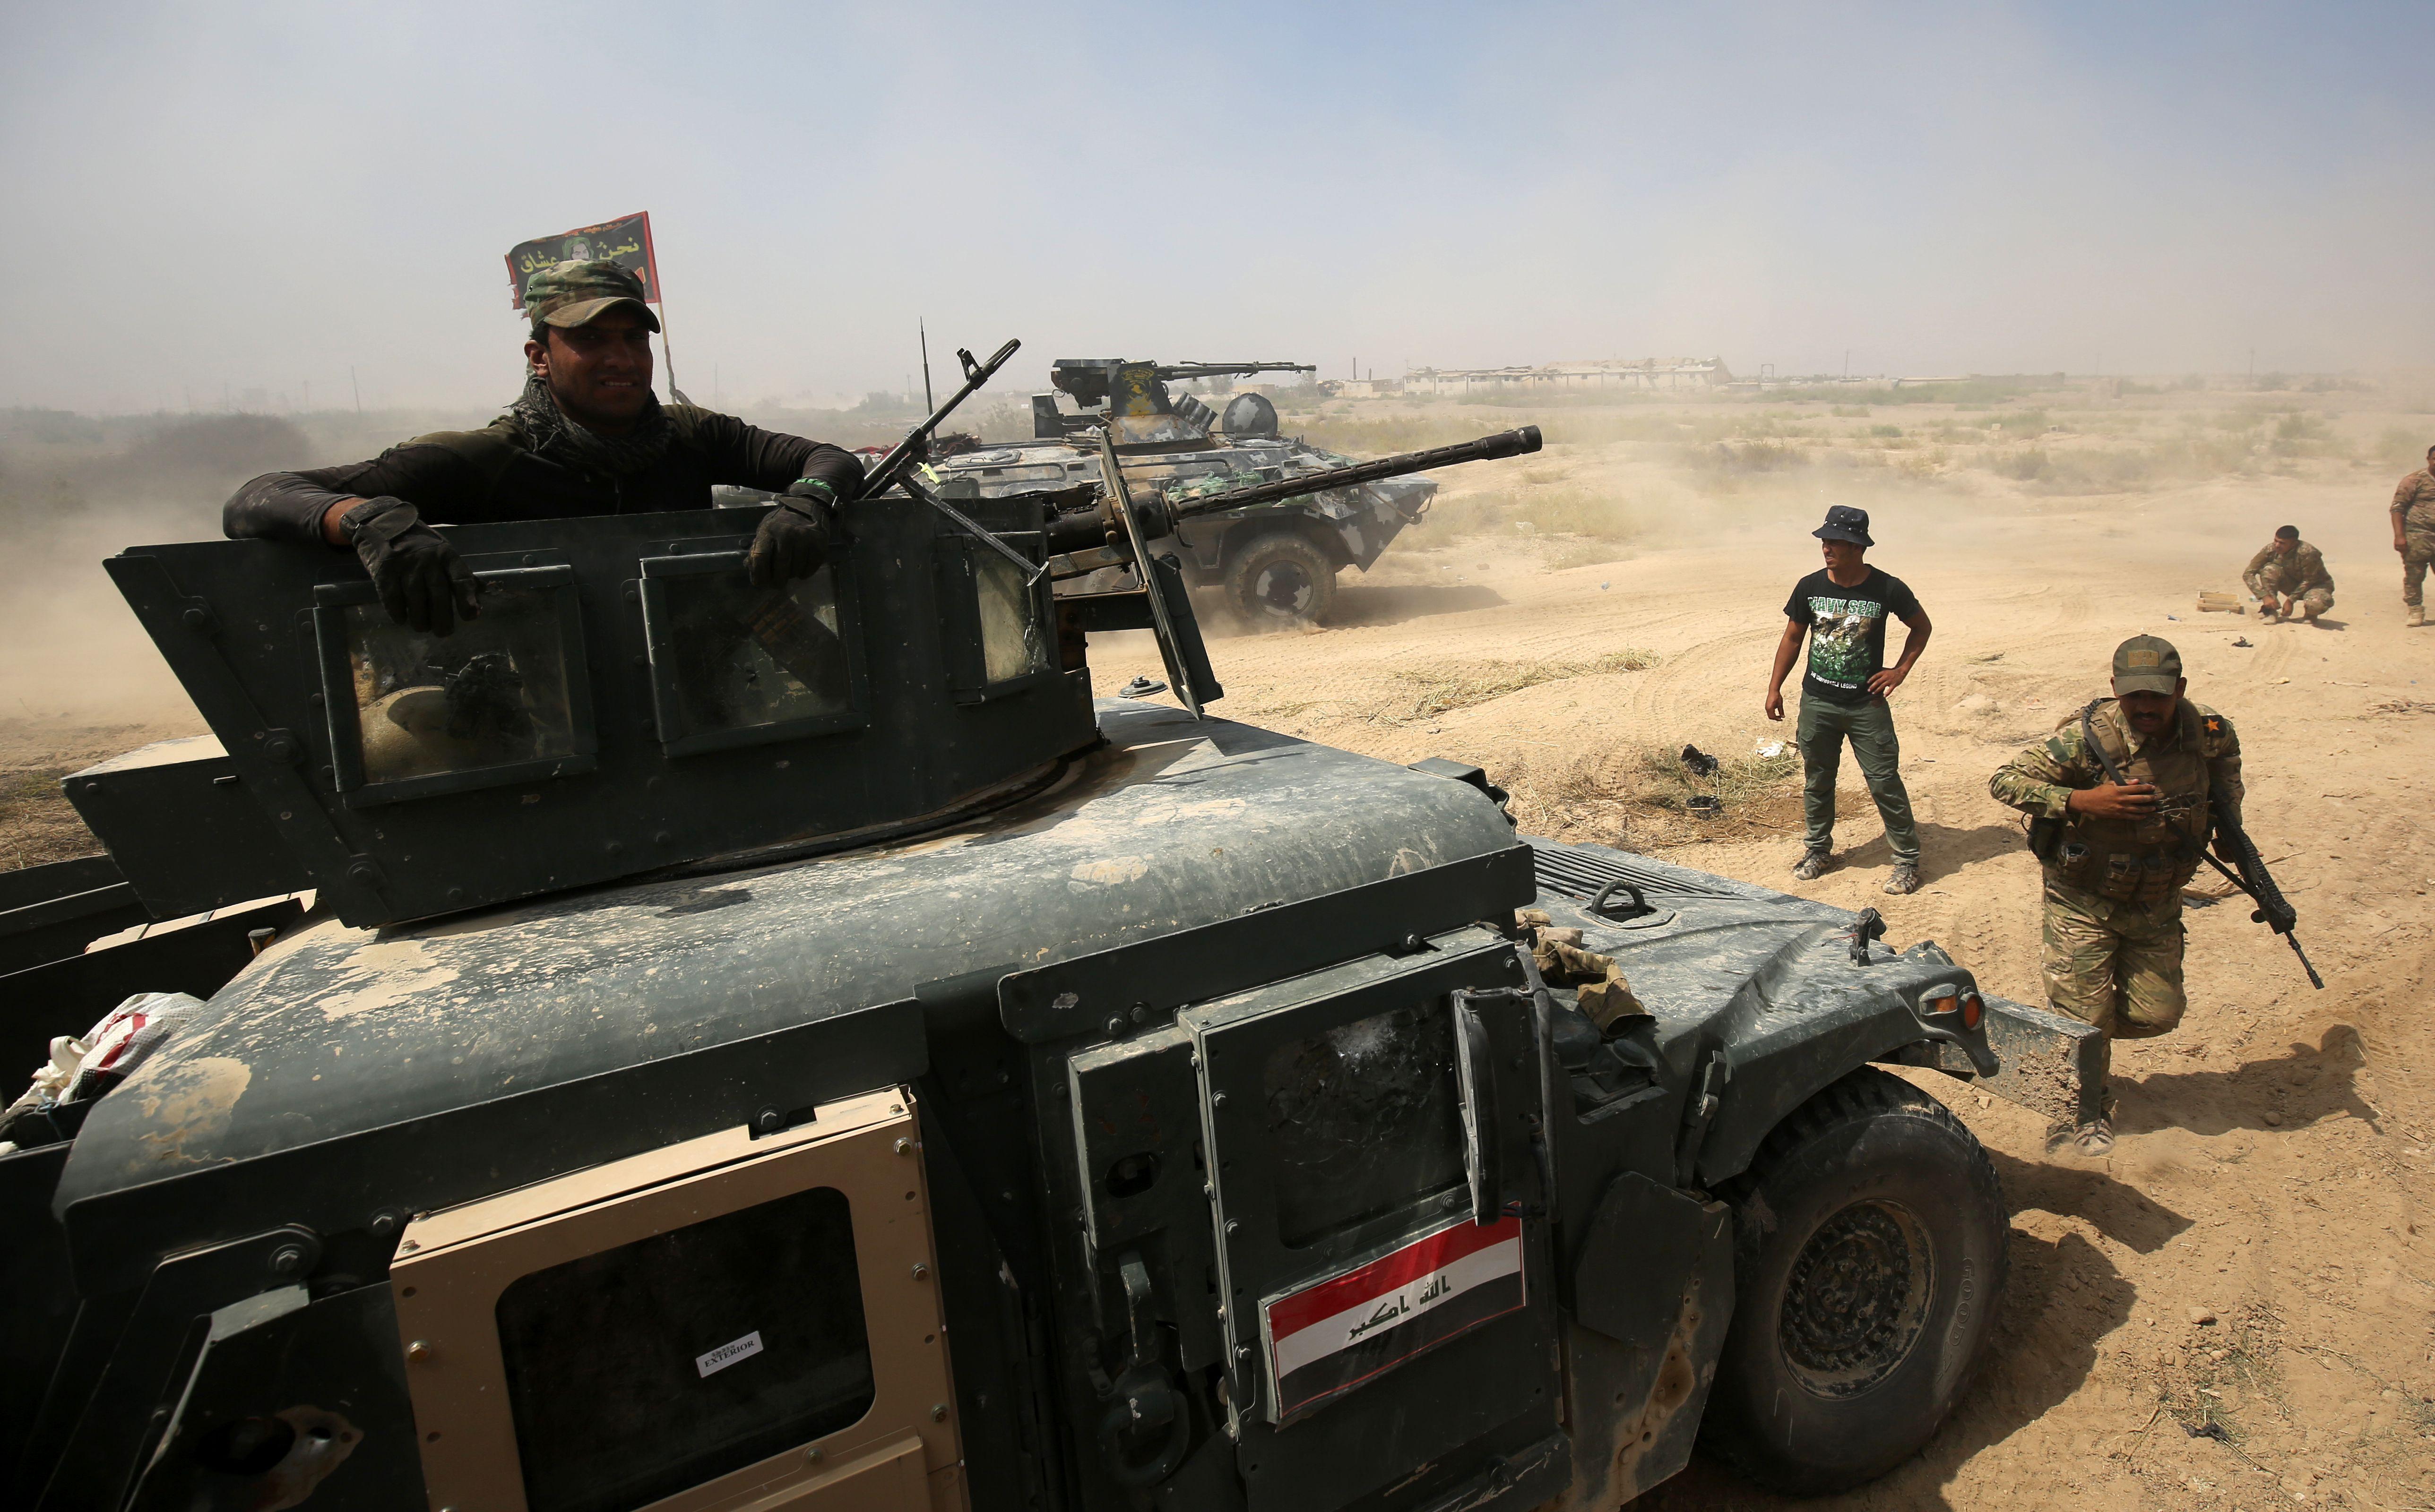 مقتل مصور صحفي عراقي في معارك الفلوجة